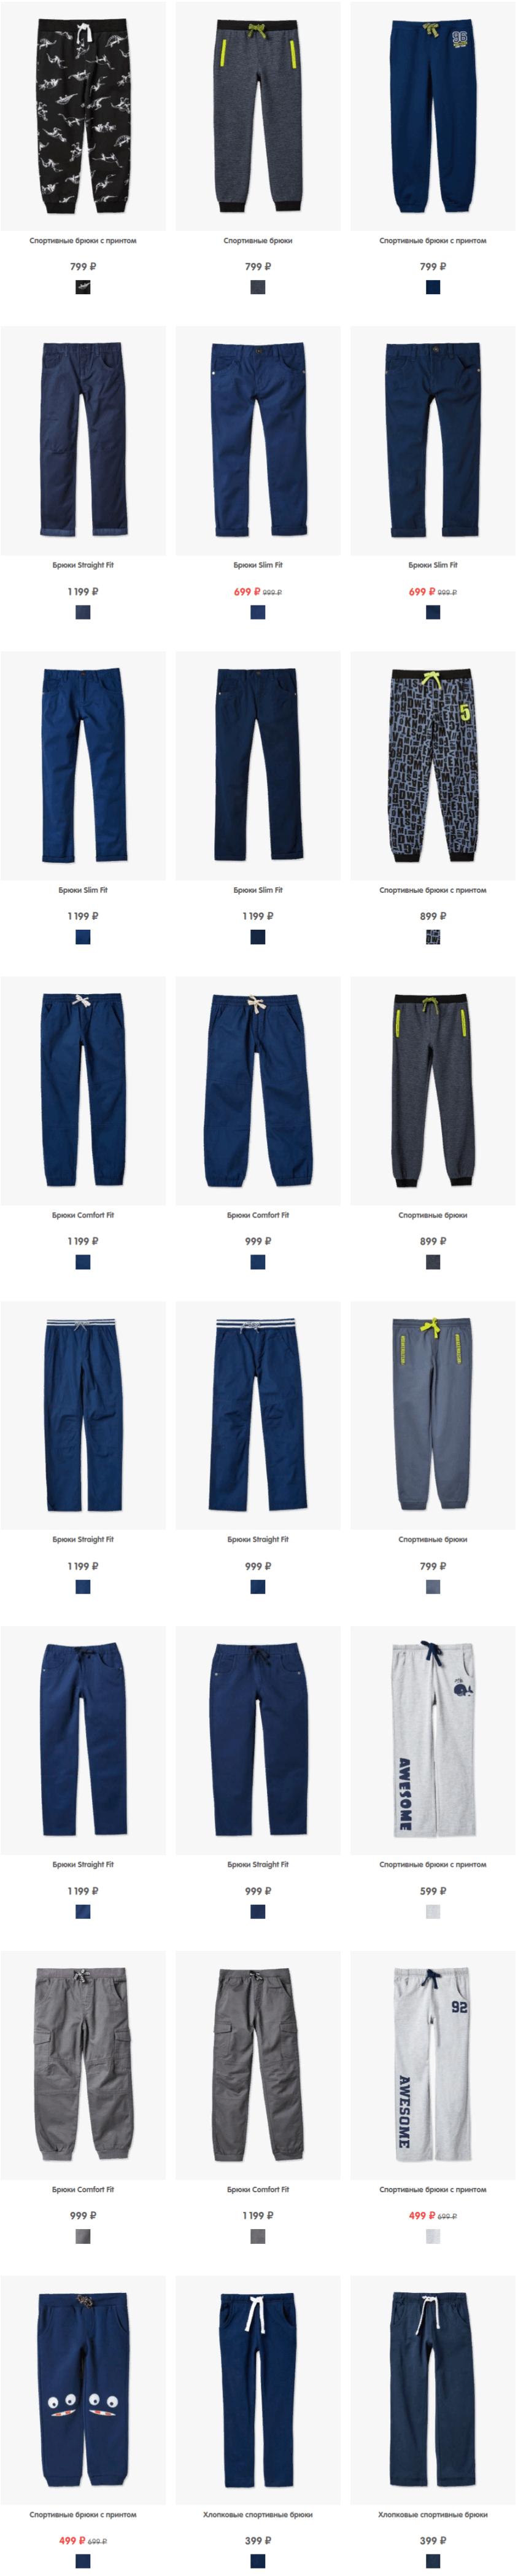 Купить Брюки для мальчиков в интернет-магазине одежды Фандейшоп